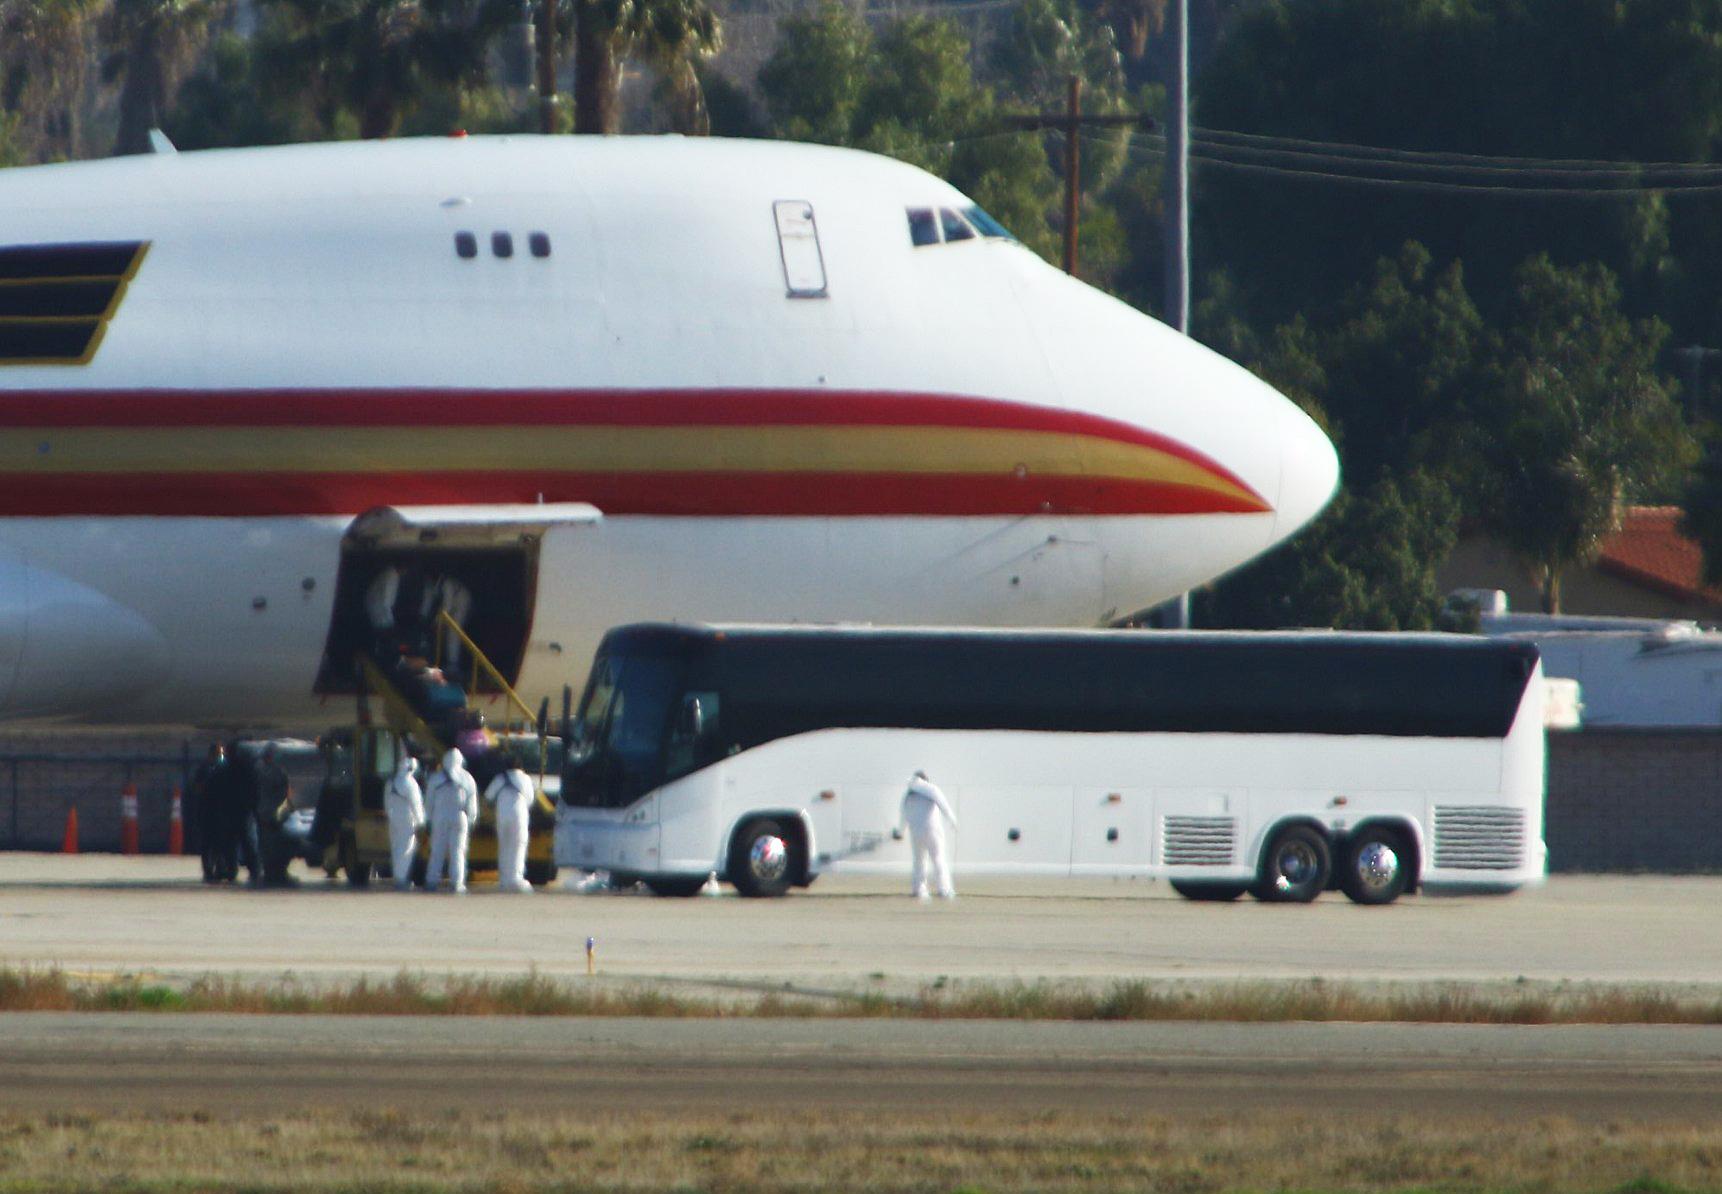 2020年1月29日,加利福尼亞州里弗賽德(Riverside, California)的馬馳航空儲備基地(March Air Reserve Base)。載有約200名美國公民,從武漢撤離的專機,降落在緊急停機坪上,醫護人員和醫用大巴在接機。(Matt HARTMAN/AFP)